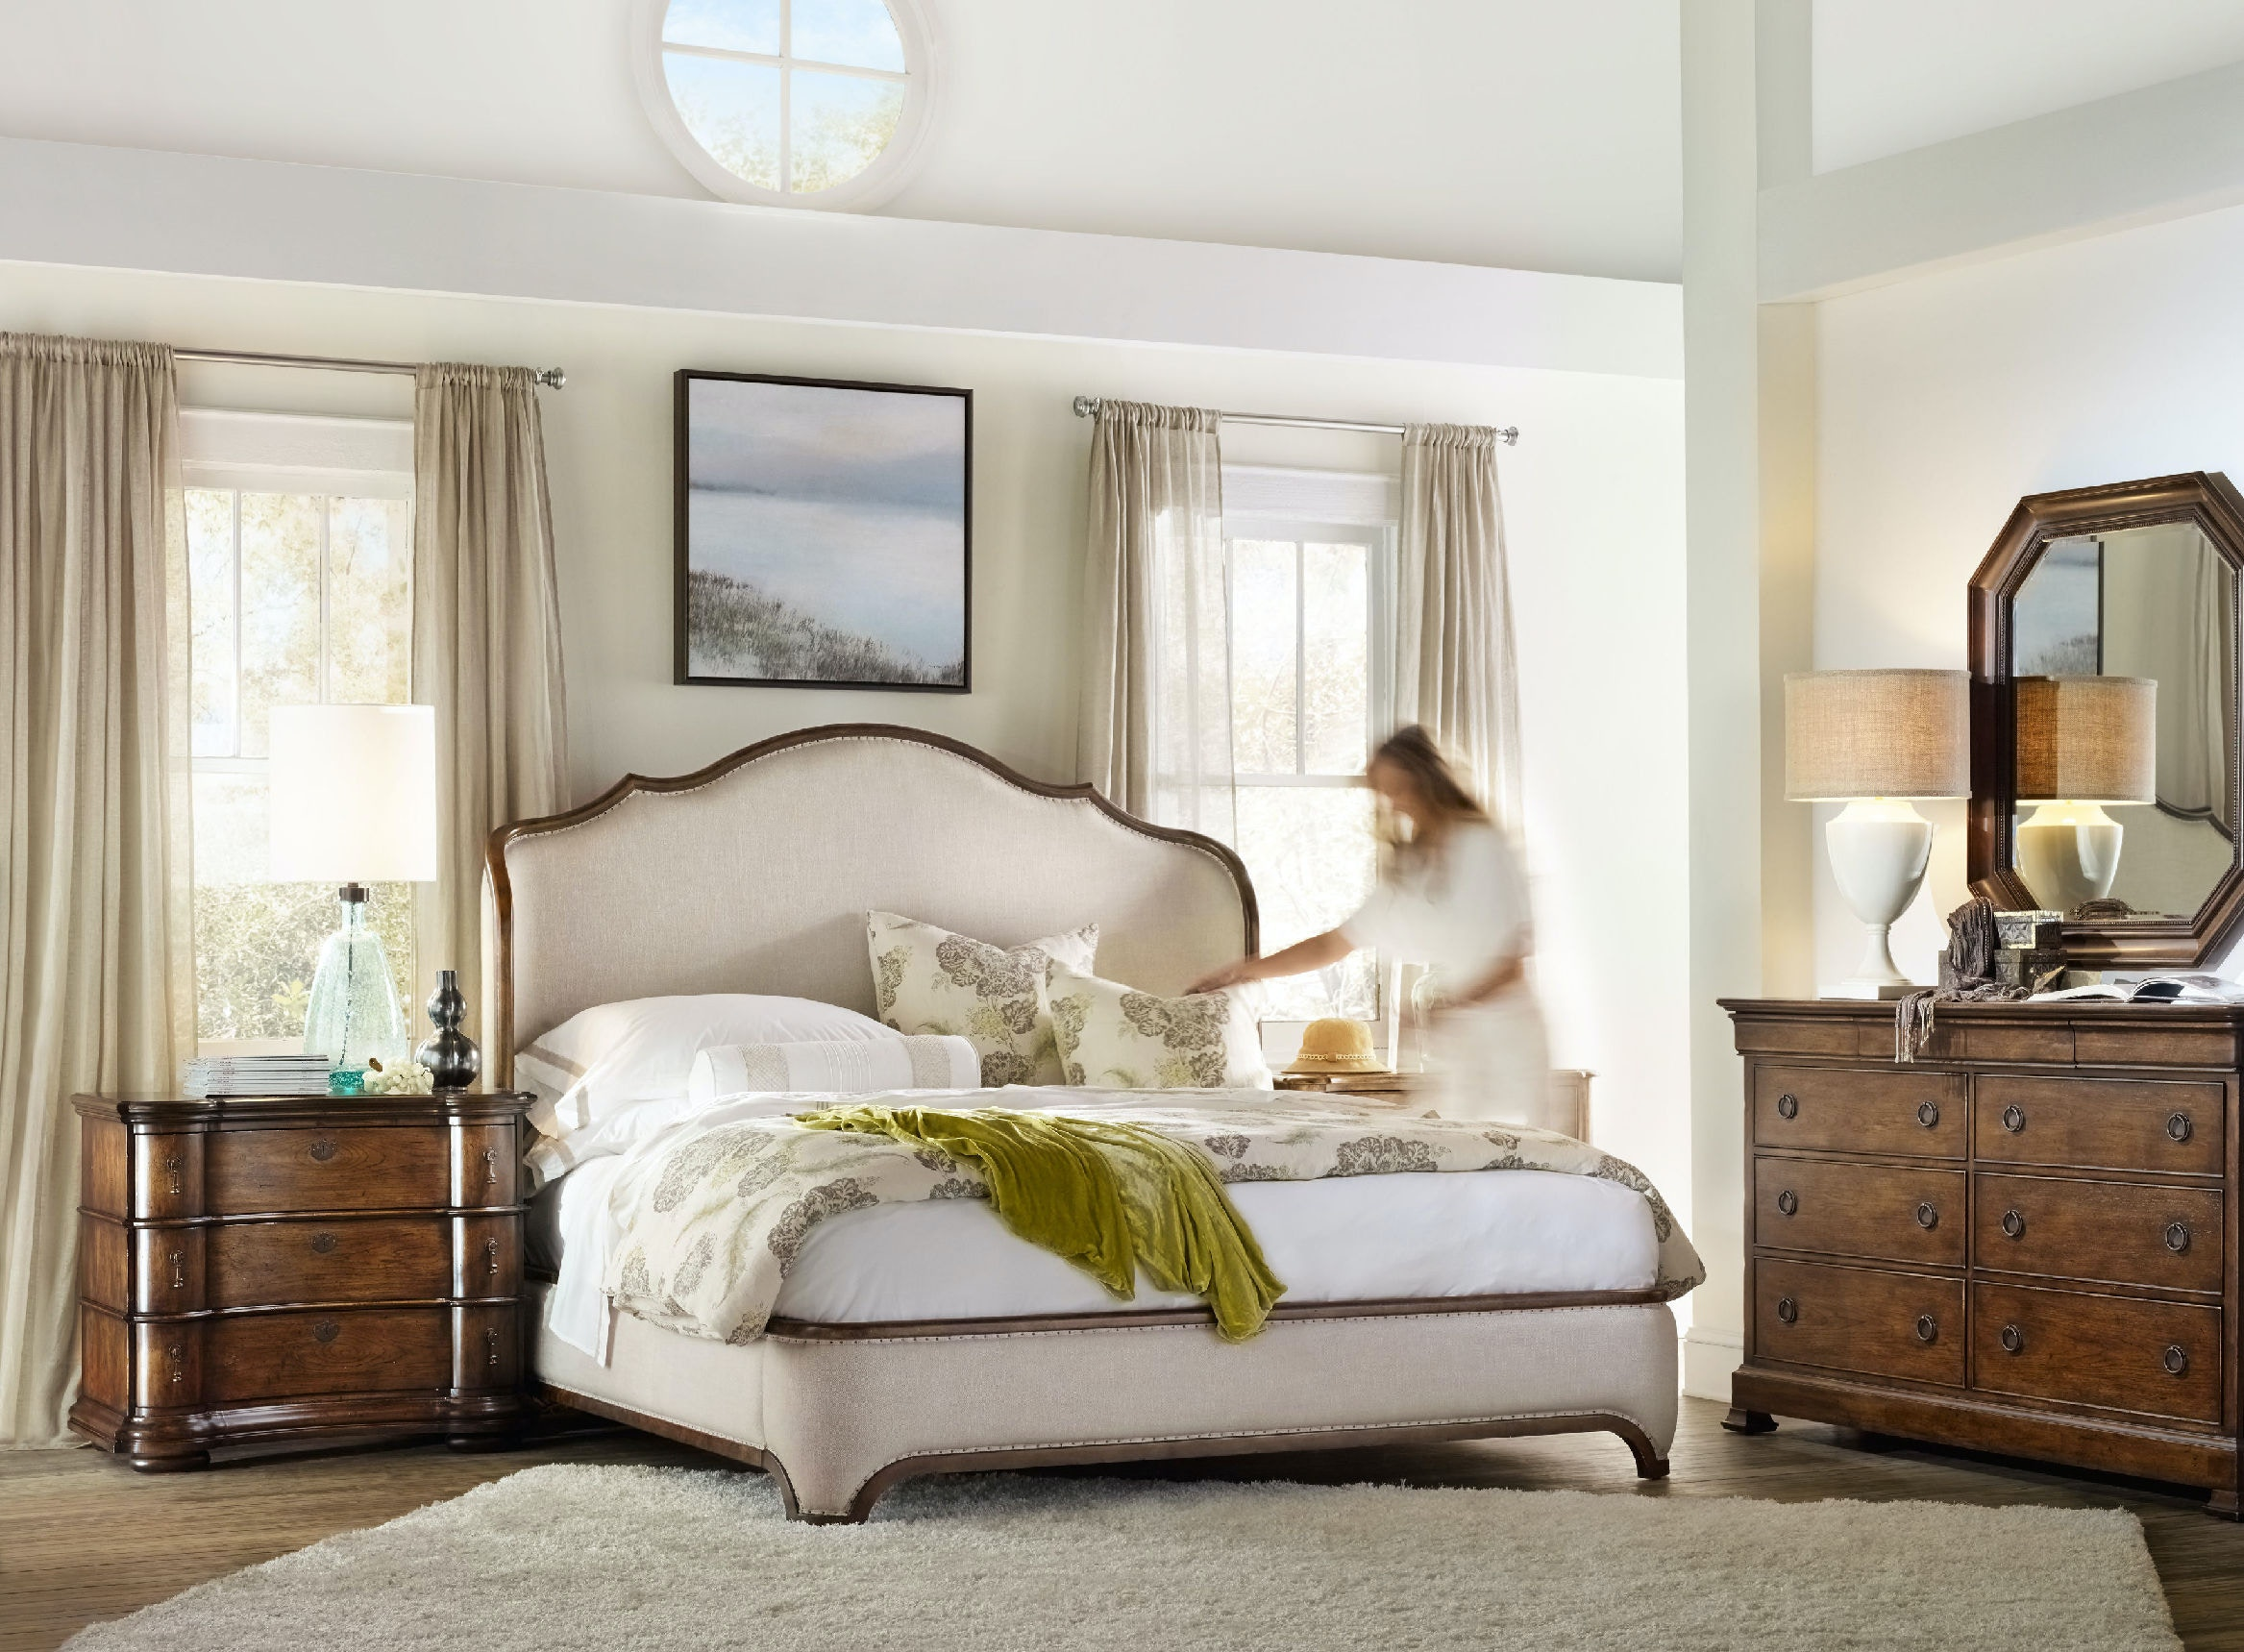 Hooker Furniture Bedroom Archivist King Upholstered Shelter Bed ...